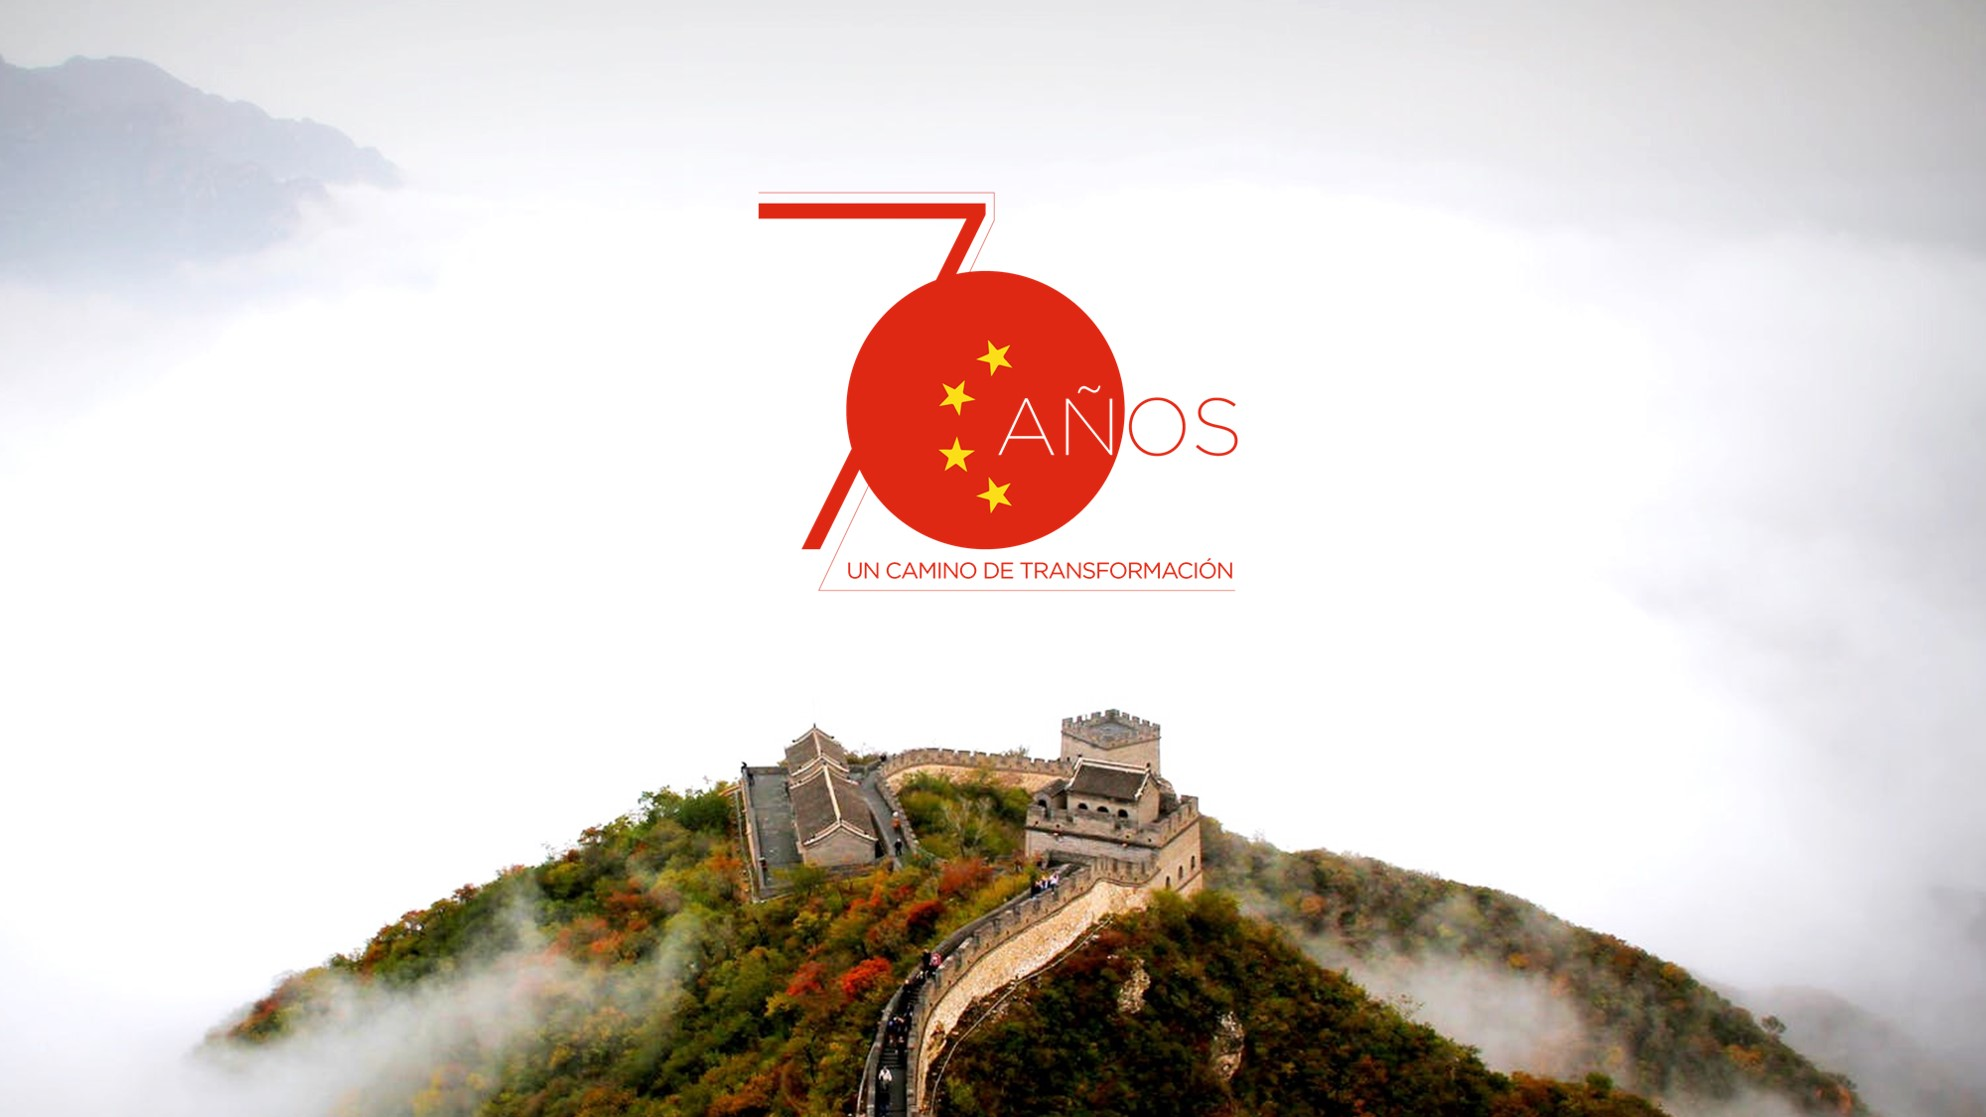 Chinas 70s anniversary